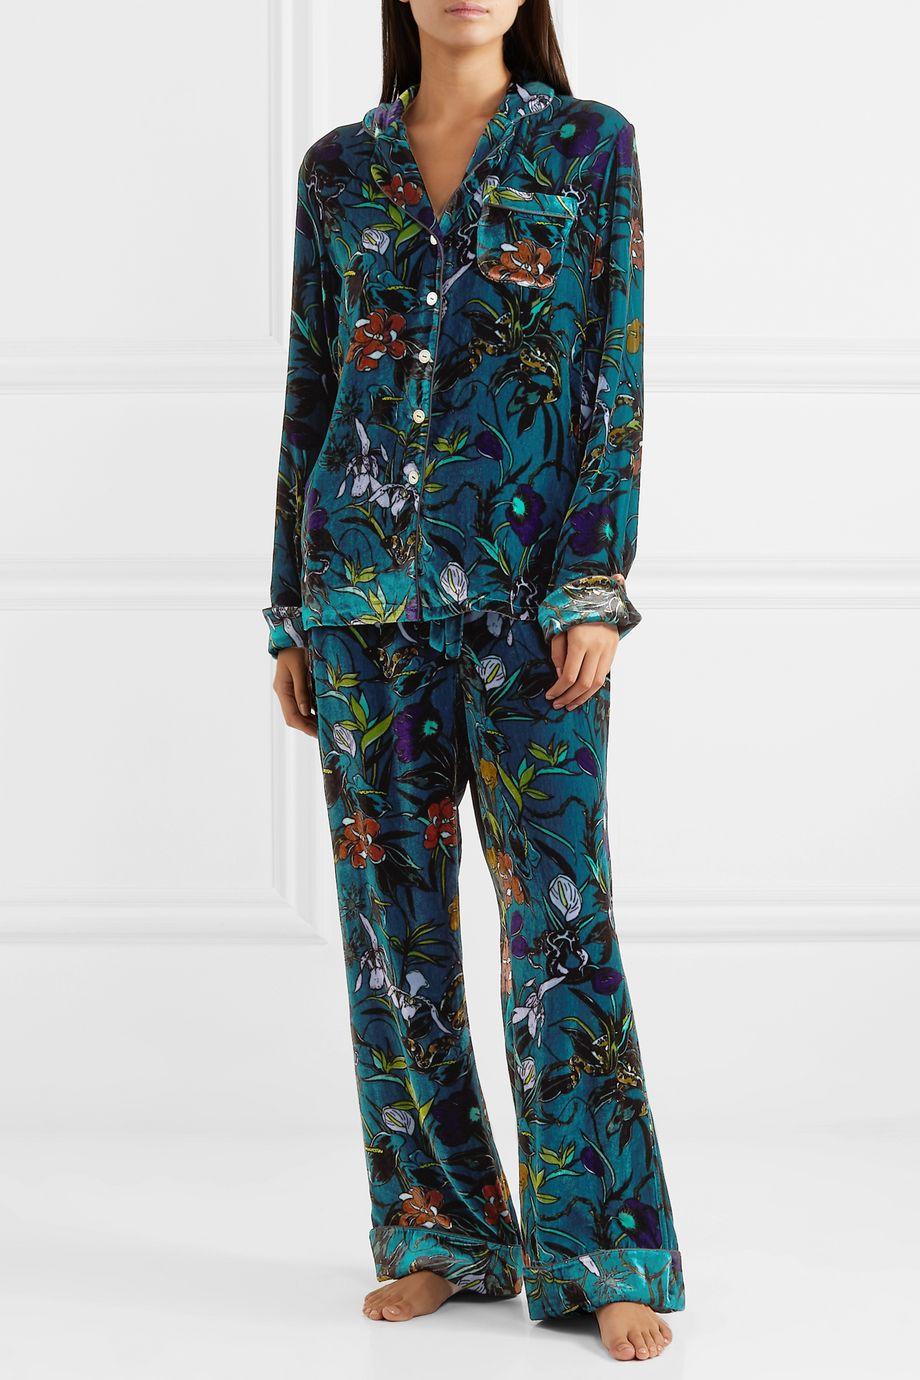 Olivia von Halle Lila Pyjama aus Seidensamt mit Blumenprint